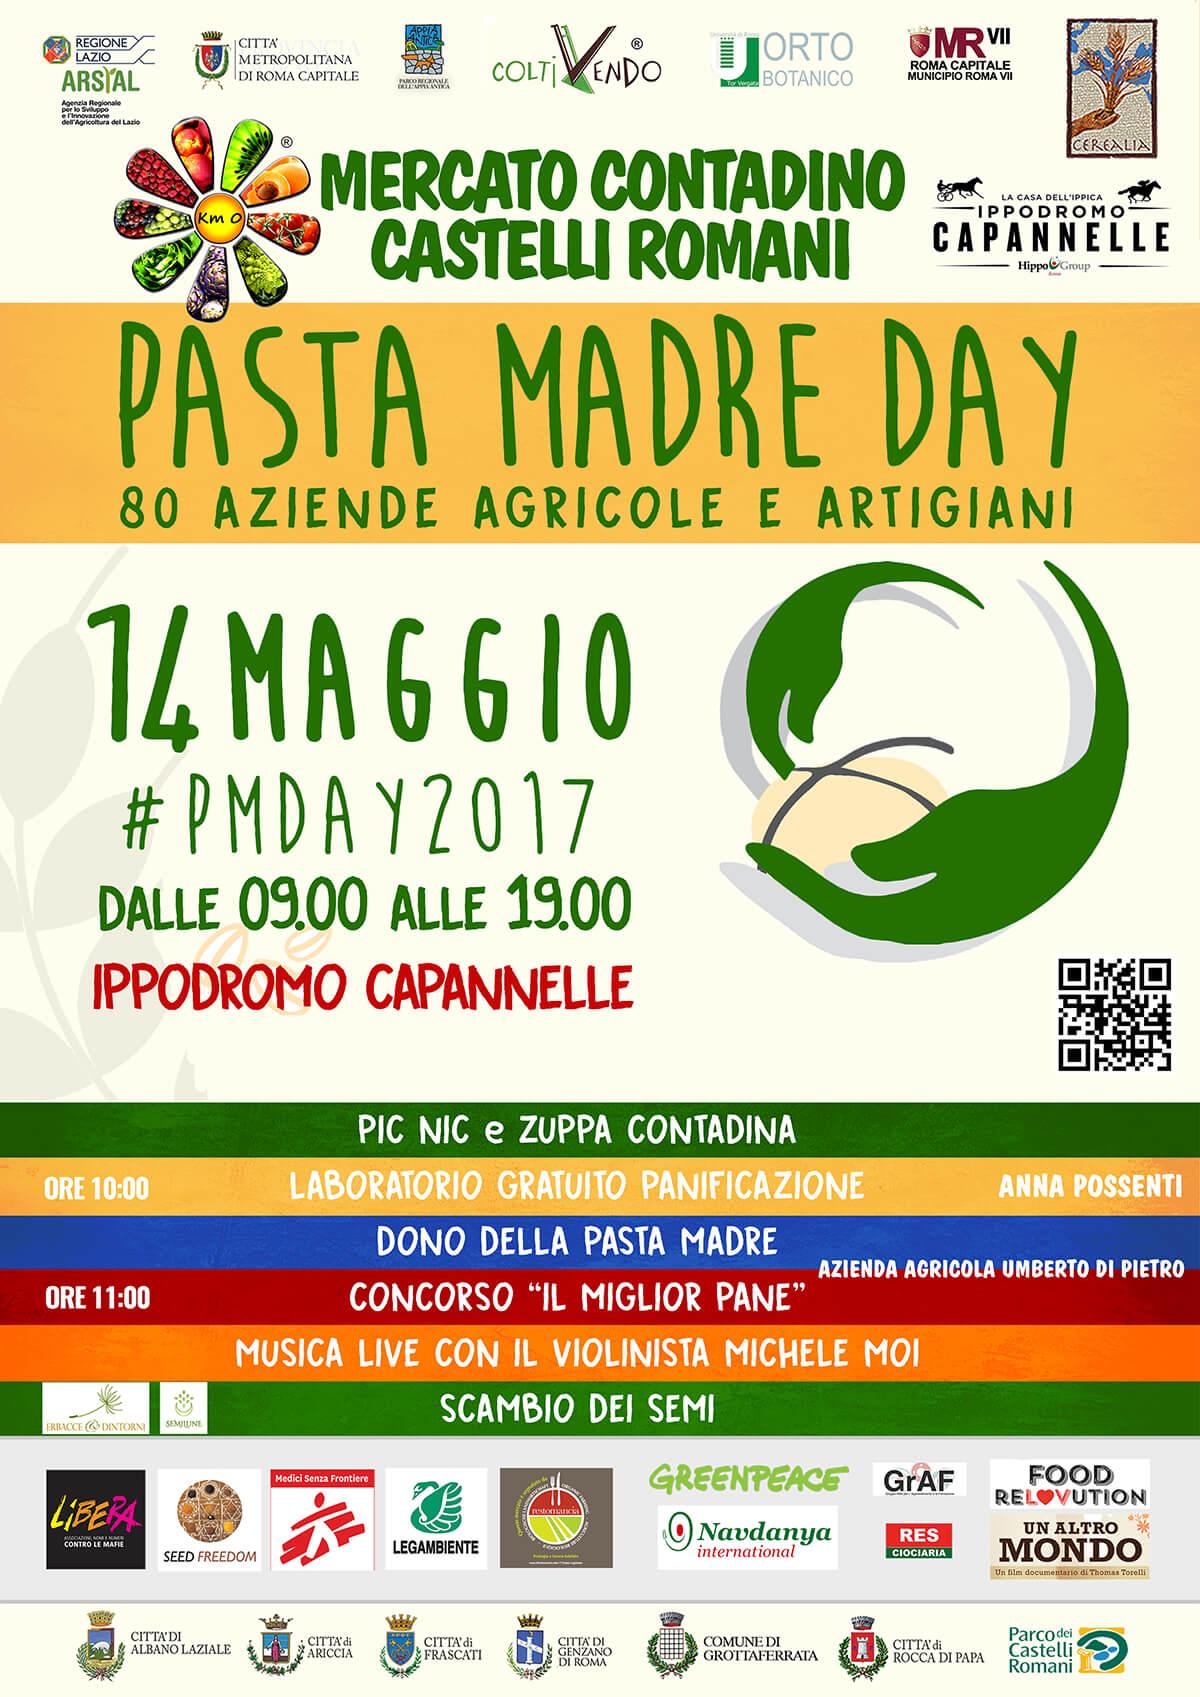 Immagine Pasta Madre Day 2017 Mercato Contadino Castelli Romani Roma